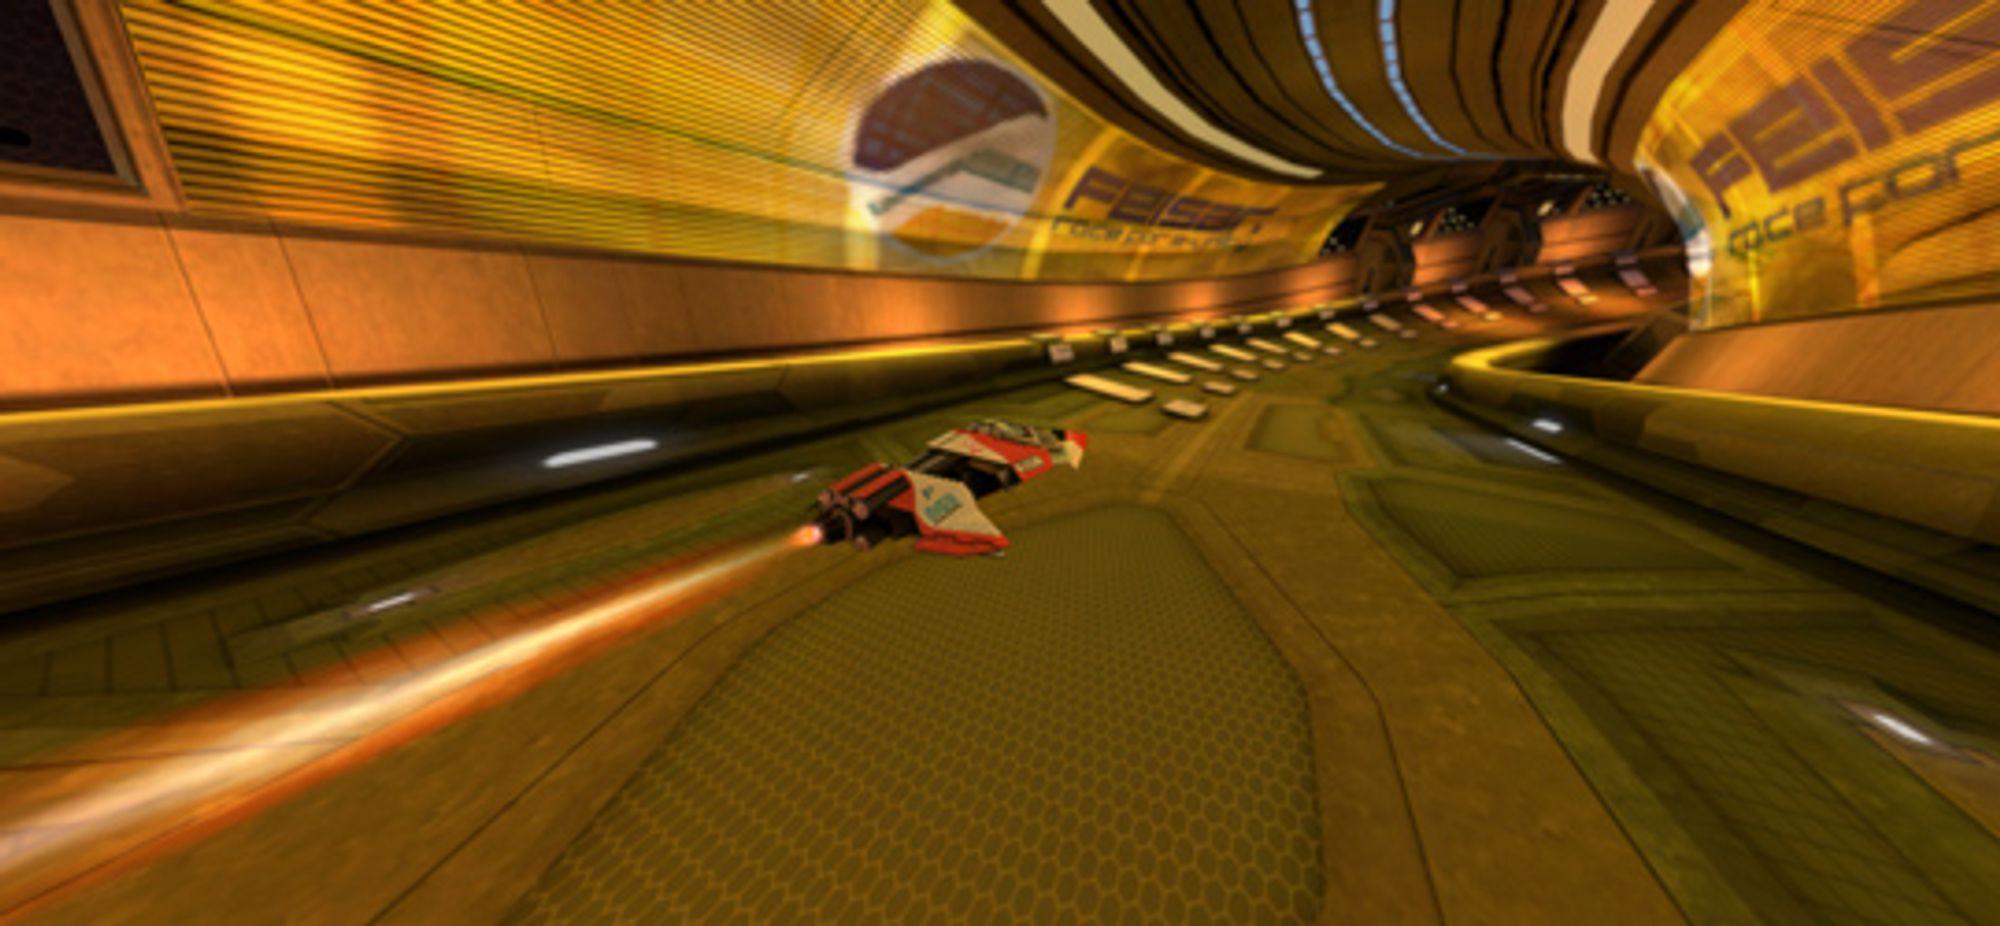 Selv om løftene om ekte 1080p-oppløsning i hele spillet viste seg å ha et par betingelser, finnes det ingenting å utsette på grafikken.